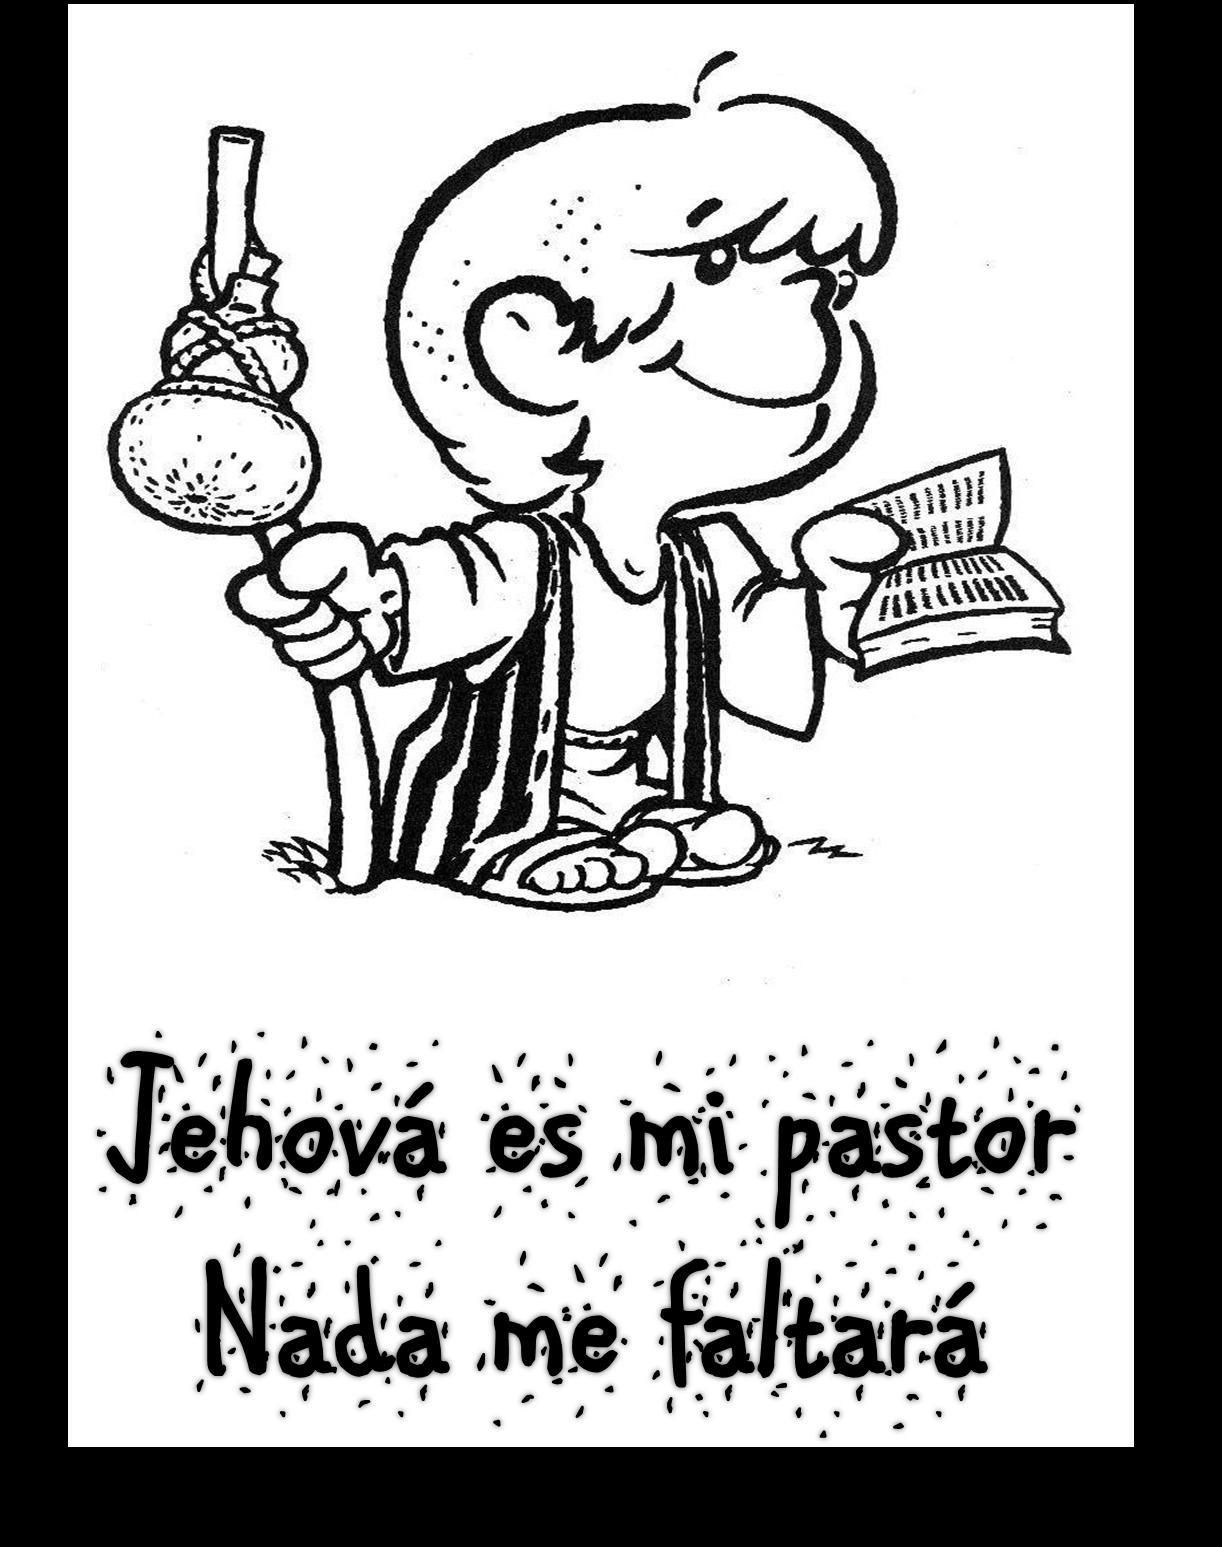 Dibujos Cristianos: Dibujos de Misioneros para colorear